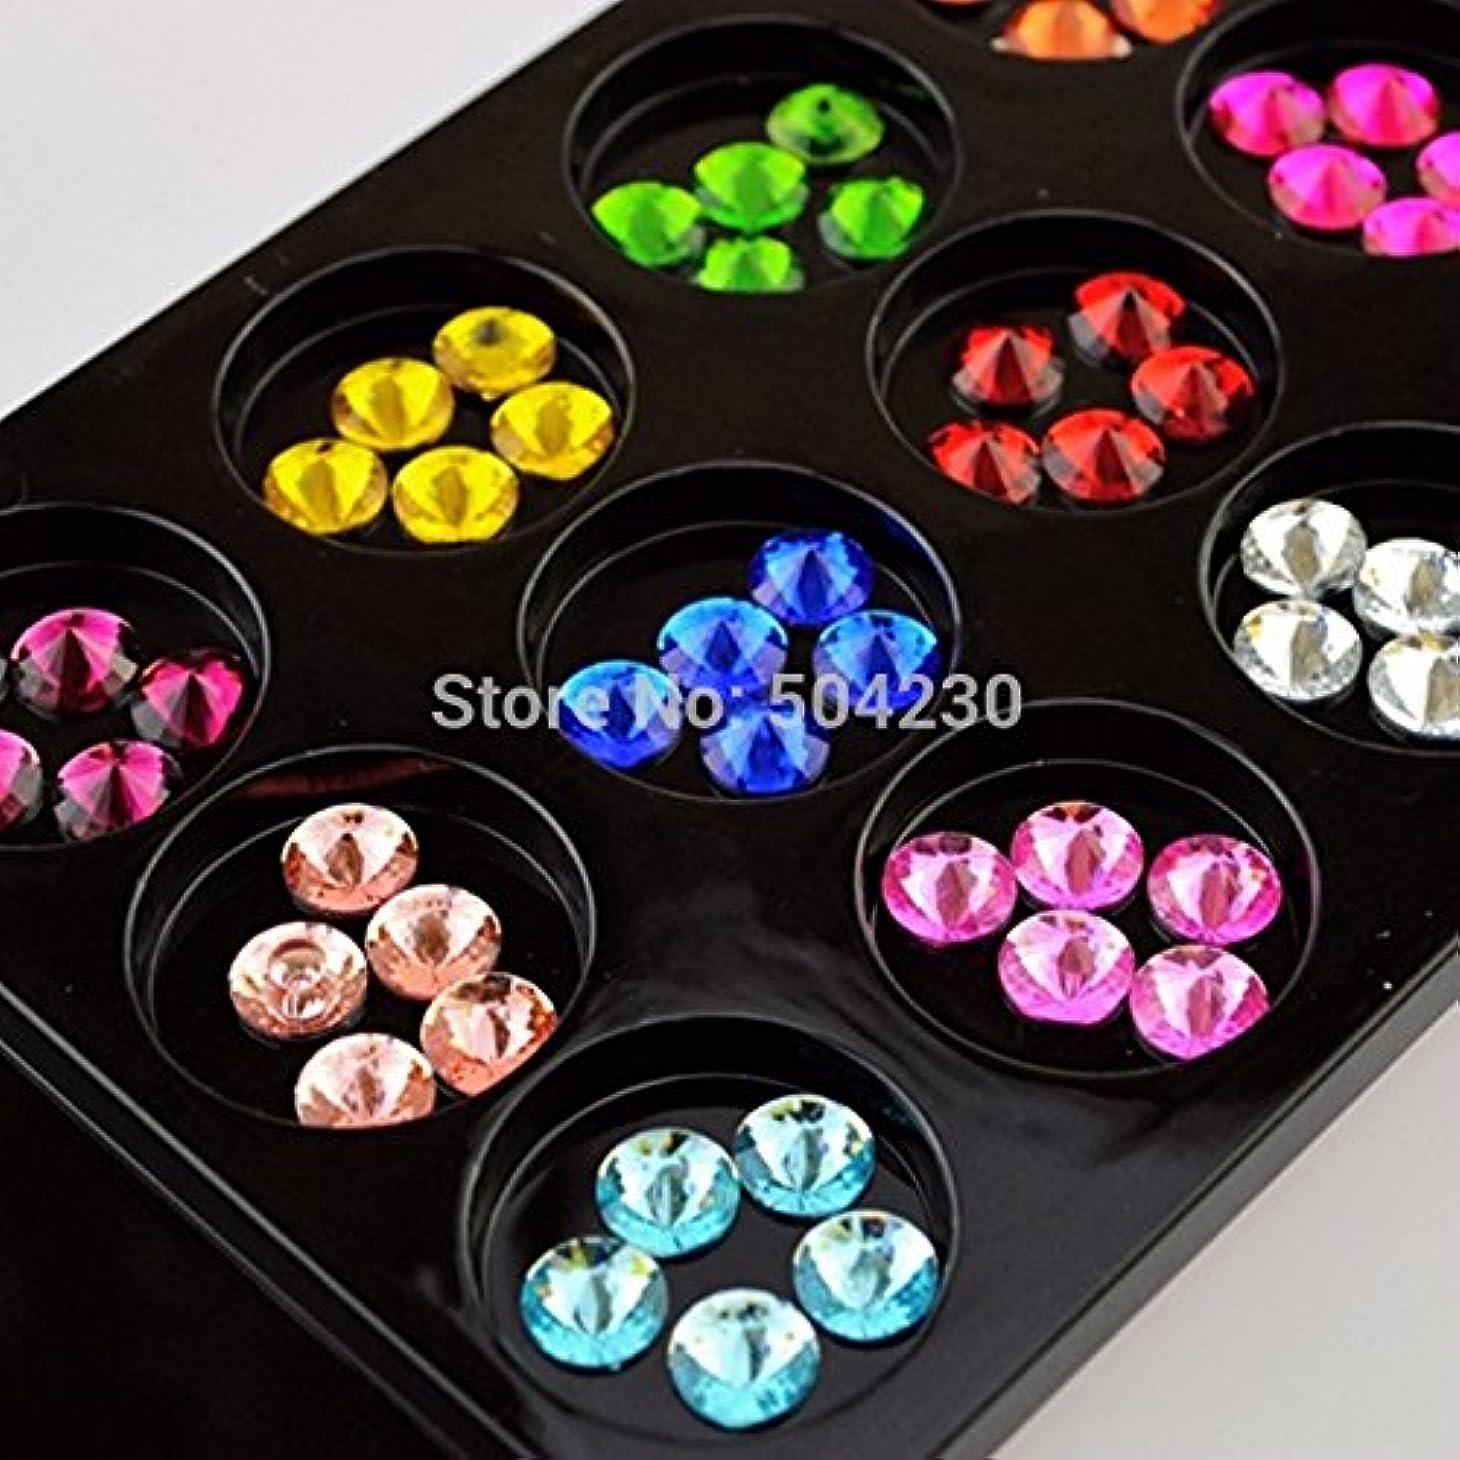 証人スーツ増幅するIthern(TM)60PCS 3Dアクリルネイルアートの装飾ツールフラット戻るネイルラインストーン宝石の携帯電話の装飾アクセサリー6MM